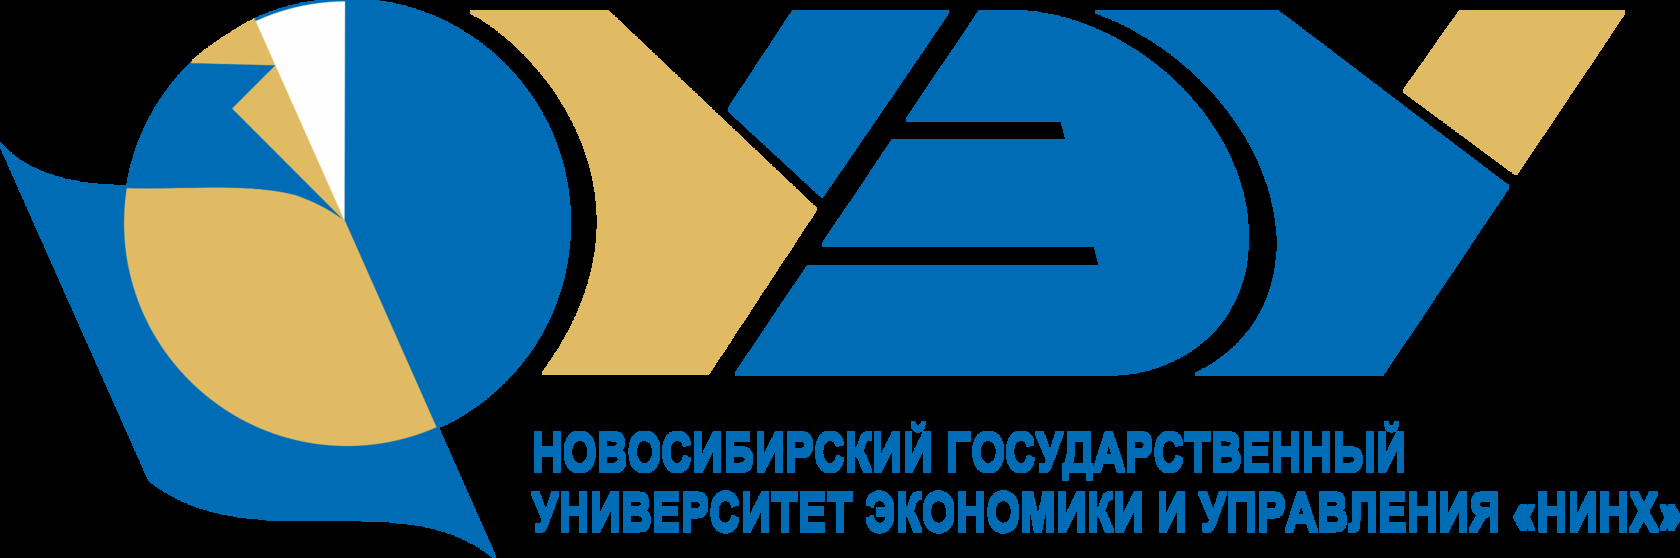 Центр иностранных языков НГУЭУ